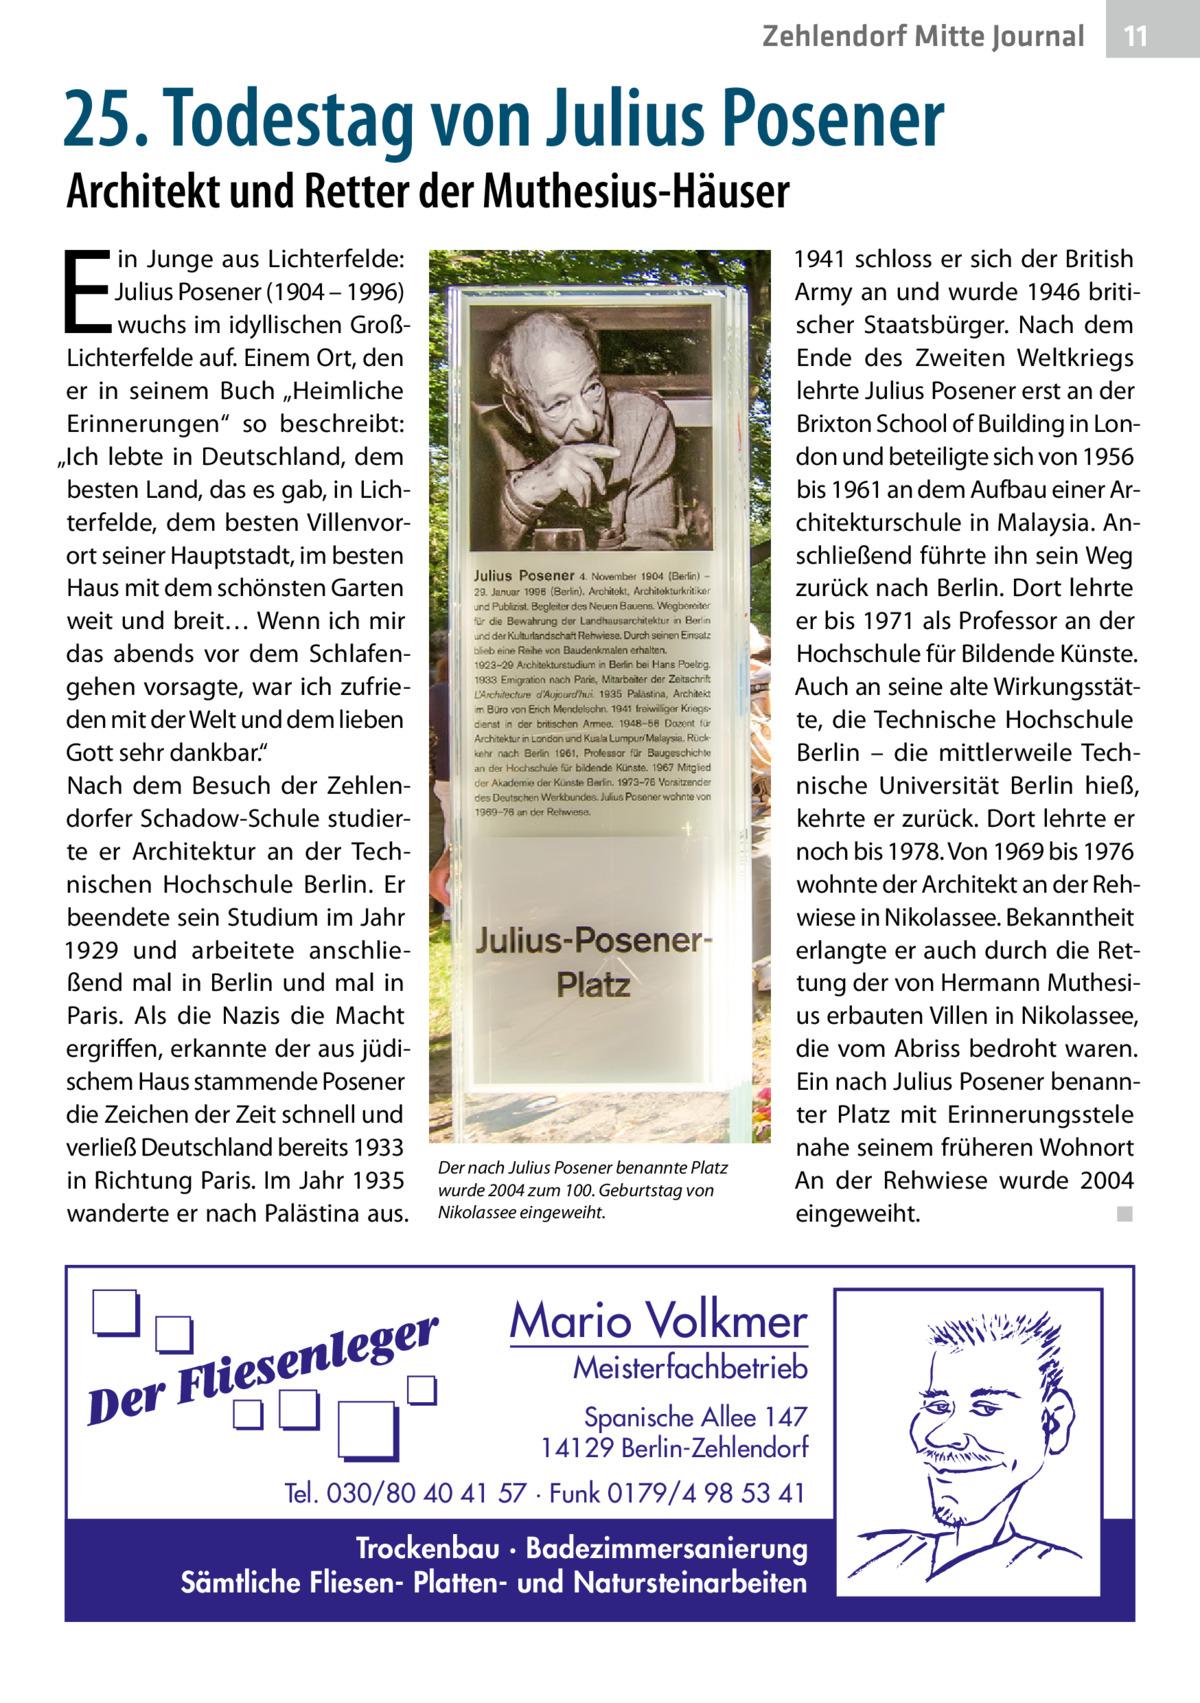 """Zehlendorf Mitte Journal  11  25.Todestag von JuliusPosener Architekt und Retter der Muthesius-Häuser  E  in Junge aus Lichterfelde: Julius Posener (1904 – 1996) wuchs im idyllischen GroßLichterfelde auf. Einem Ort, den er in seinem Buch """"Heimliche Erinnerungen"""" so beschreibt: """"Ich lebte in Deutschland, dem besten Land, das es gab, in Lichterfelde, dem besten Villenvorort seiner Hauptstadt, im besten Haus mit dem schönsten Garten weit und breit… Wenn ich mir das abends vor dem Schlafengehen vorsagte, war ich zufrieden mit der Welt und dem lieben Gott sehr dankbar."""" Nach dem Besuch der Zehlendorfer Schadow-Schule studierte er Architektur an der Technischen Hochschule Berlin. Er beendete sein Studium im Jahr 1929 und arbeitete anschließend mal in Berlin und mal in Paris. Als die Nazis die Macht ergriffen, erkannte der aus jüdischem Haus stammende Posener die Zeichen der Zeit schnell und verließ Deutschland bereits 1933 in Richtung Paris. Im Jahr 1935 wanderte er nach Palästina aus.  Der nach Julius Posener benannte Platz wurde 2004 zum 100.Geburtstag von Nikolassee eingeweiht.  1941 schloss er sich der British Army an und wurde 1946 britischer Staatsbürger. Nach dem Ende des Zweiten Weltkriegs lehrte Julius Posener erst an der Brixton School of Building in London und beteiligte sich von 1956 bis 1961 an dem Aufbau einer Architekturschule in Malaysia. Anschließend führte ihn sein Weg zurück nach Berlin. Dort lehrte er bis 1971 als Professor an der Hochschule für Bildende Künste. Auch an seine alte Wirkungsstätte, die Technische Hochschule Berlin – die mittlerweile Technische Universität Berlin hieß, kehrte er zurück. Dort lehrte er noch bis 1978. Von 1969 bis 1976 wohnte der Architekt an der Rehwiese in Nikolassee. Bekanntheit erlangte er auch durch die Rettung der von Hermann Muthesius erbauten Villen in Nikolassee, die vom Abriss bedroht waren. Ein nach Julius Posener benannter Platz mit Erinnerungsstele nahe seinem früheren Wohnort An der Rehwiese wurde 2004 eingewe"""